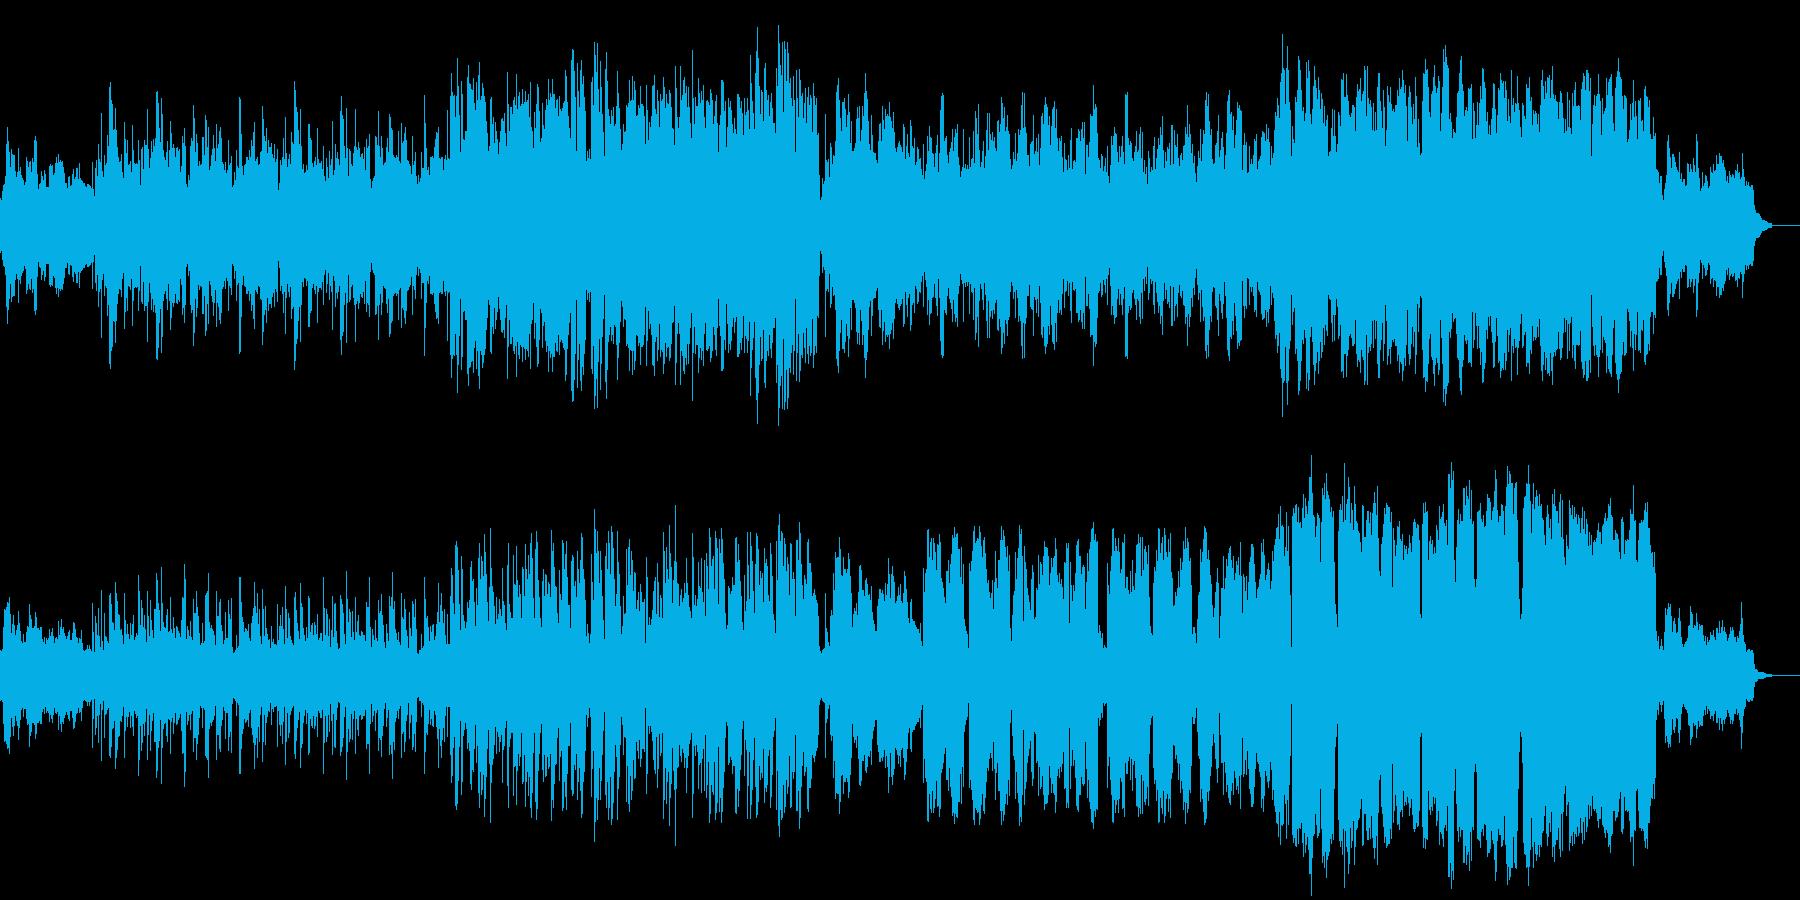 ピアノ中心の演歌風で哀愁感ある旋律の楽曲の再生済みの波形